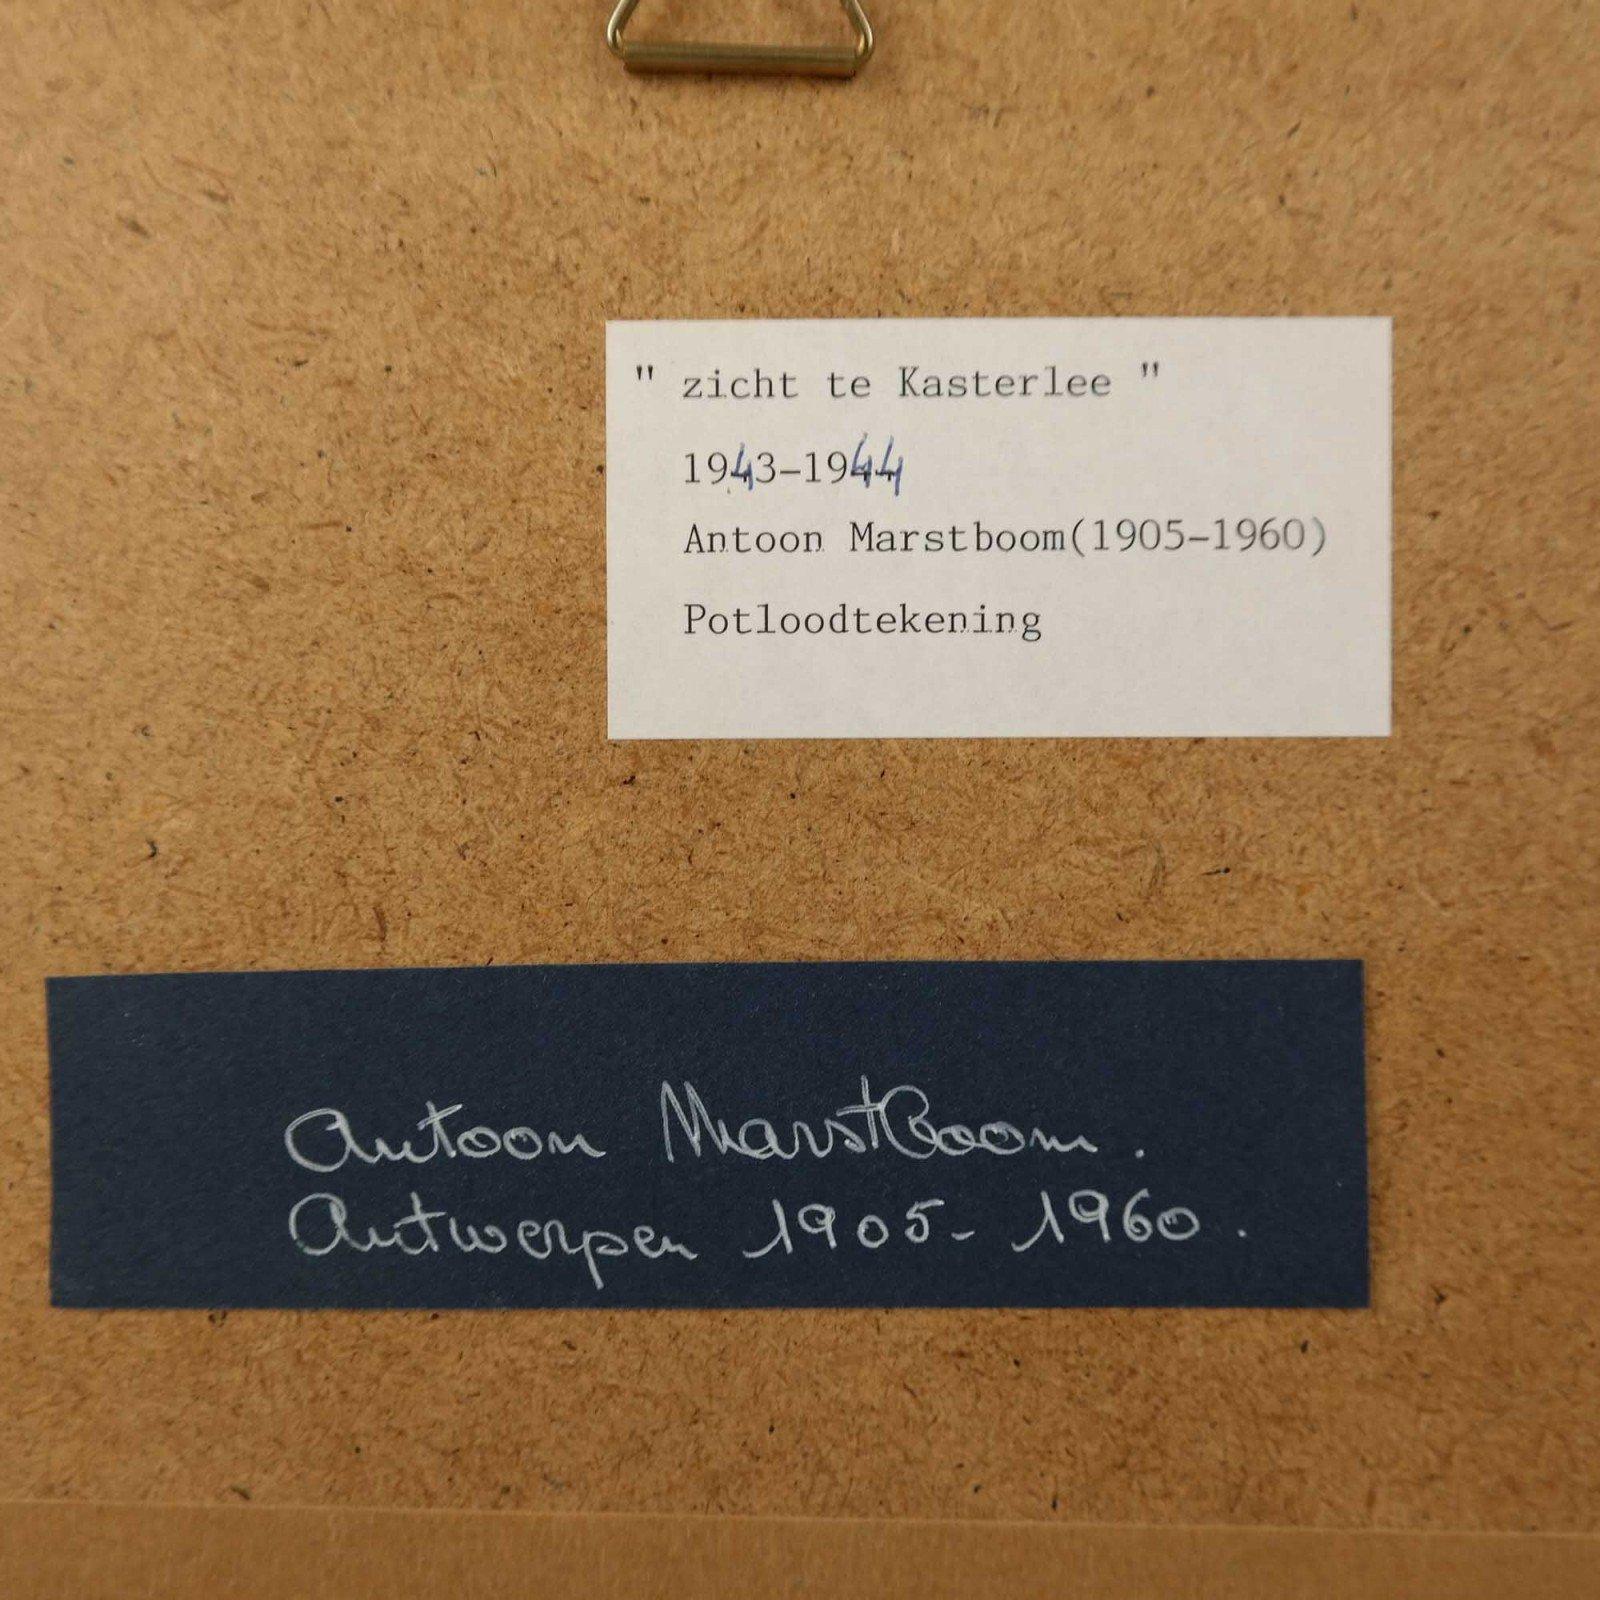 Antoon Marstboom (1905-1960)